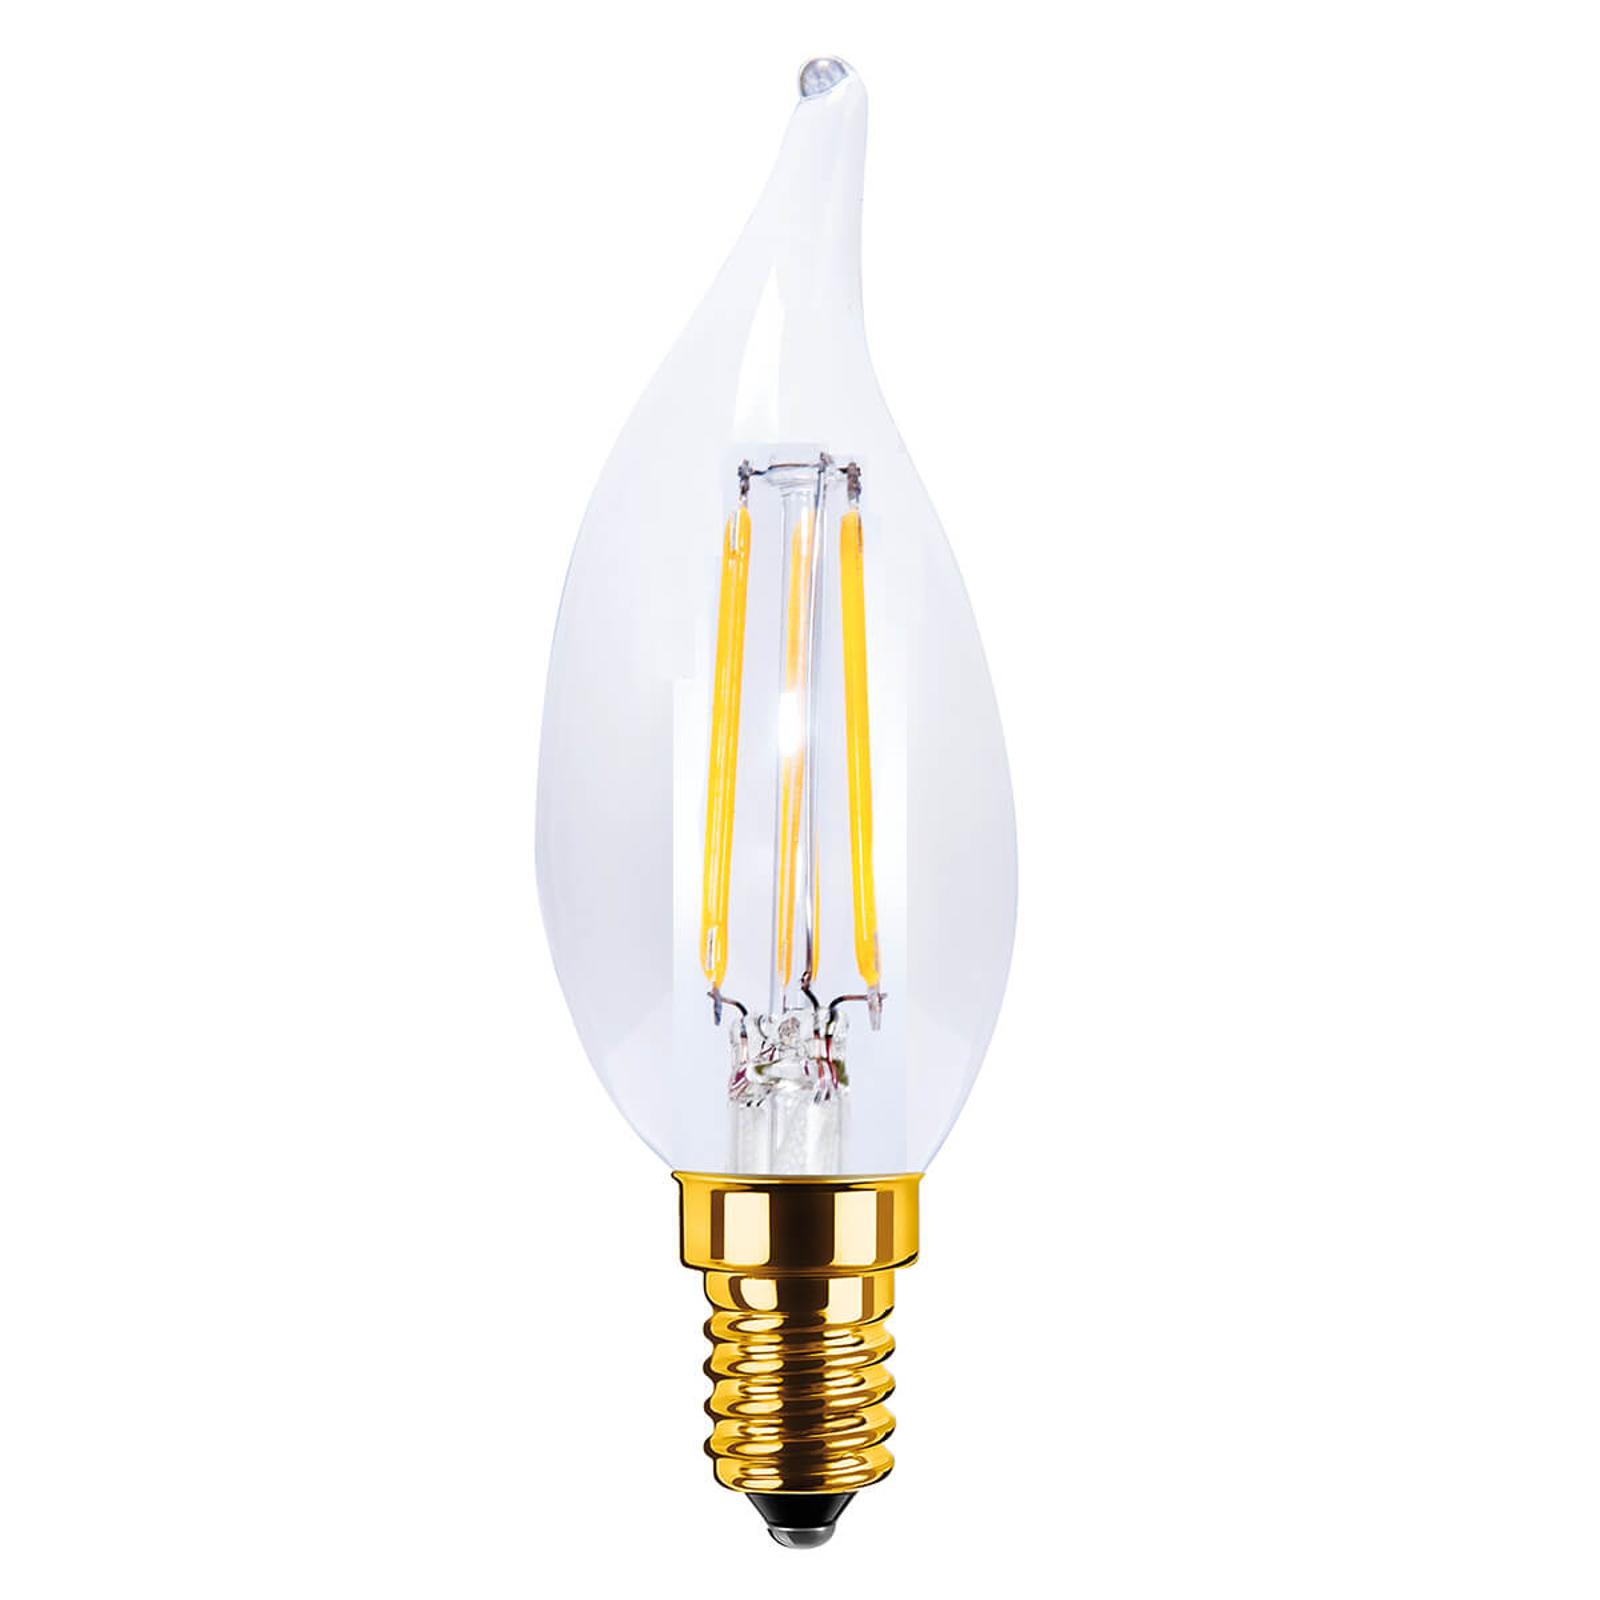 Ampoule flamme LED E14 3,5W 922 transparente